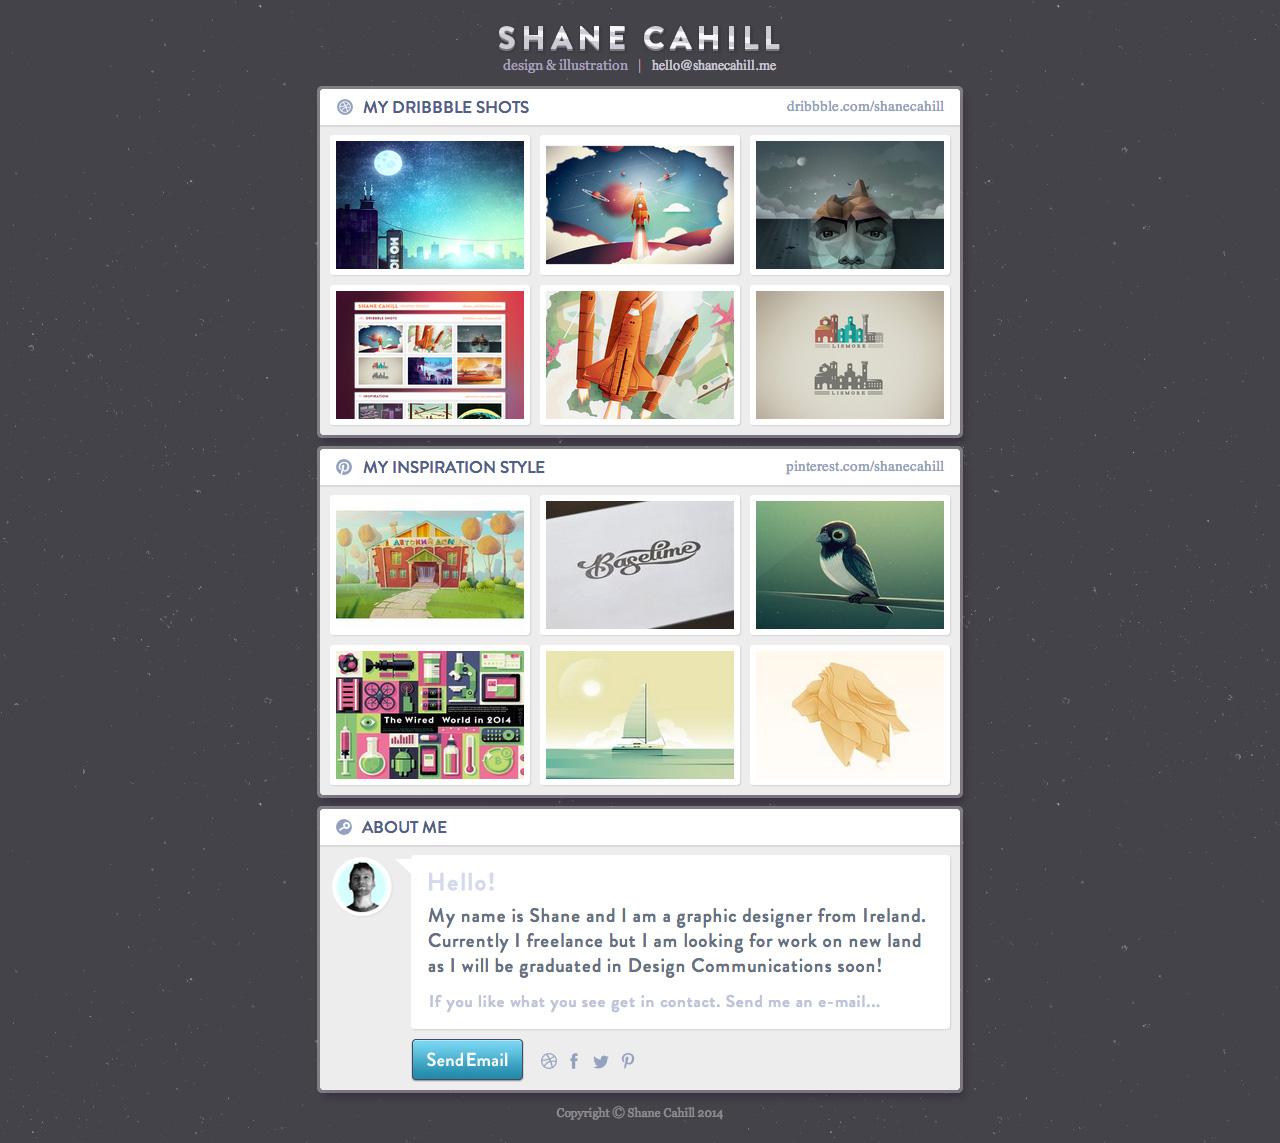 Shane Cahill Website Screenshot